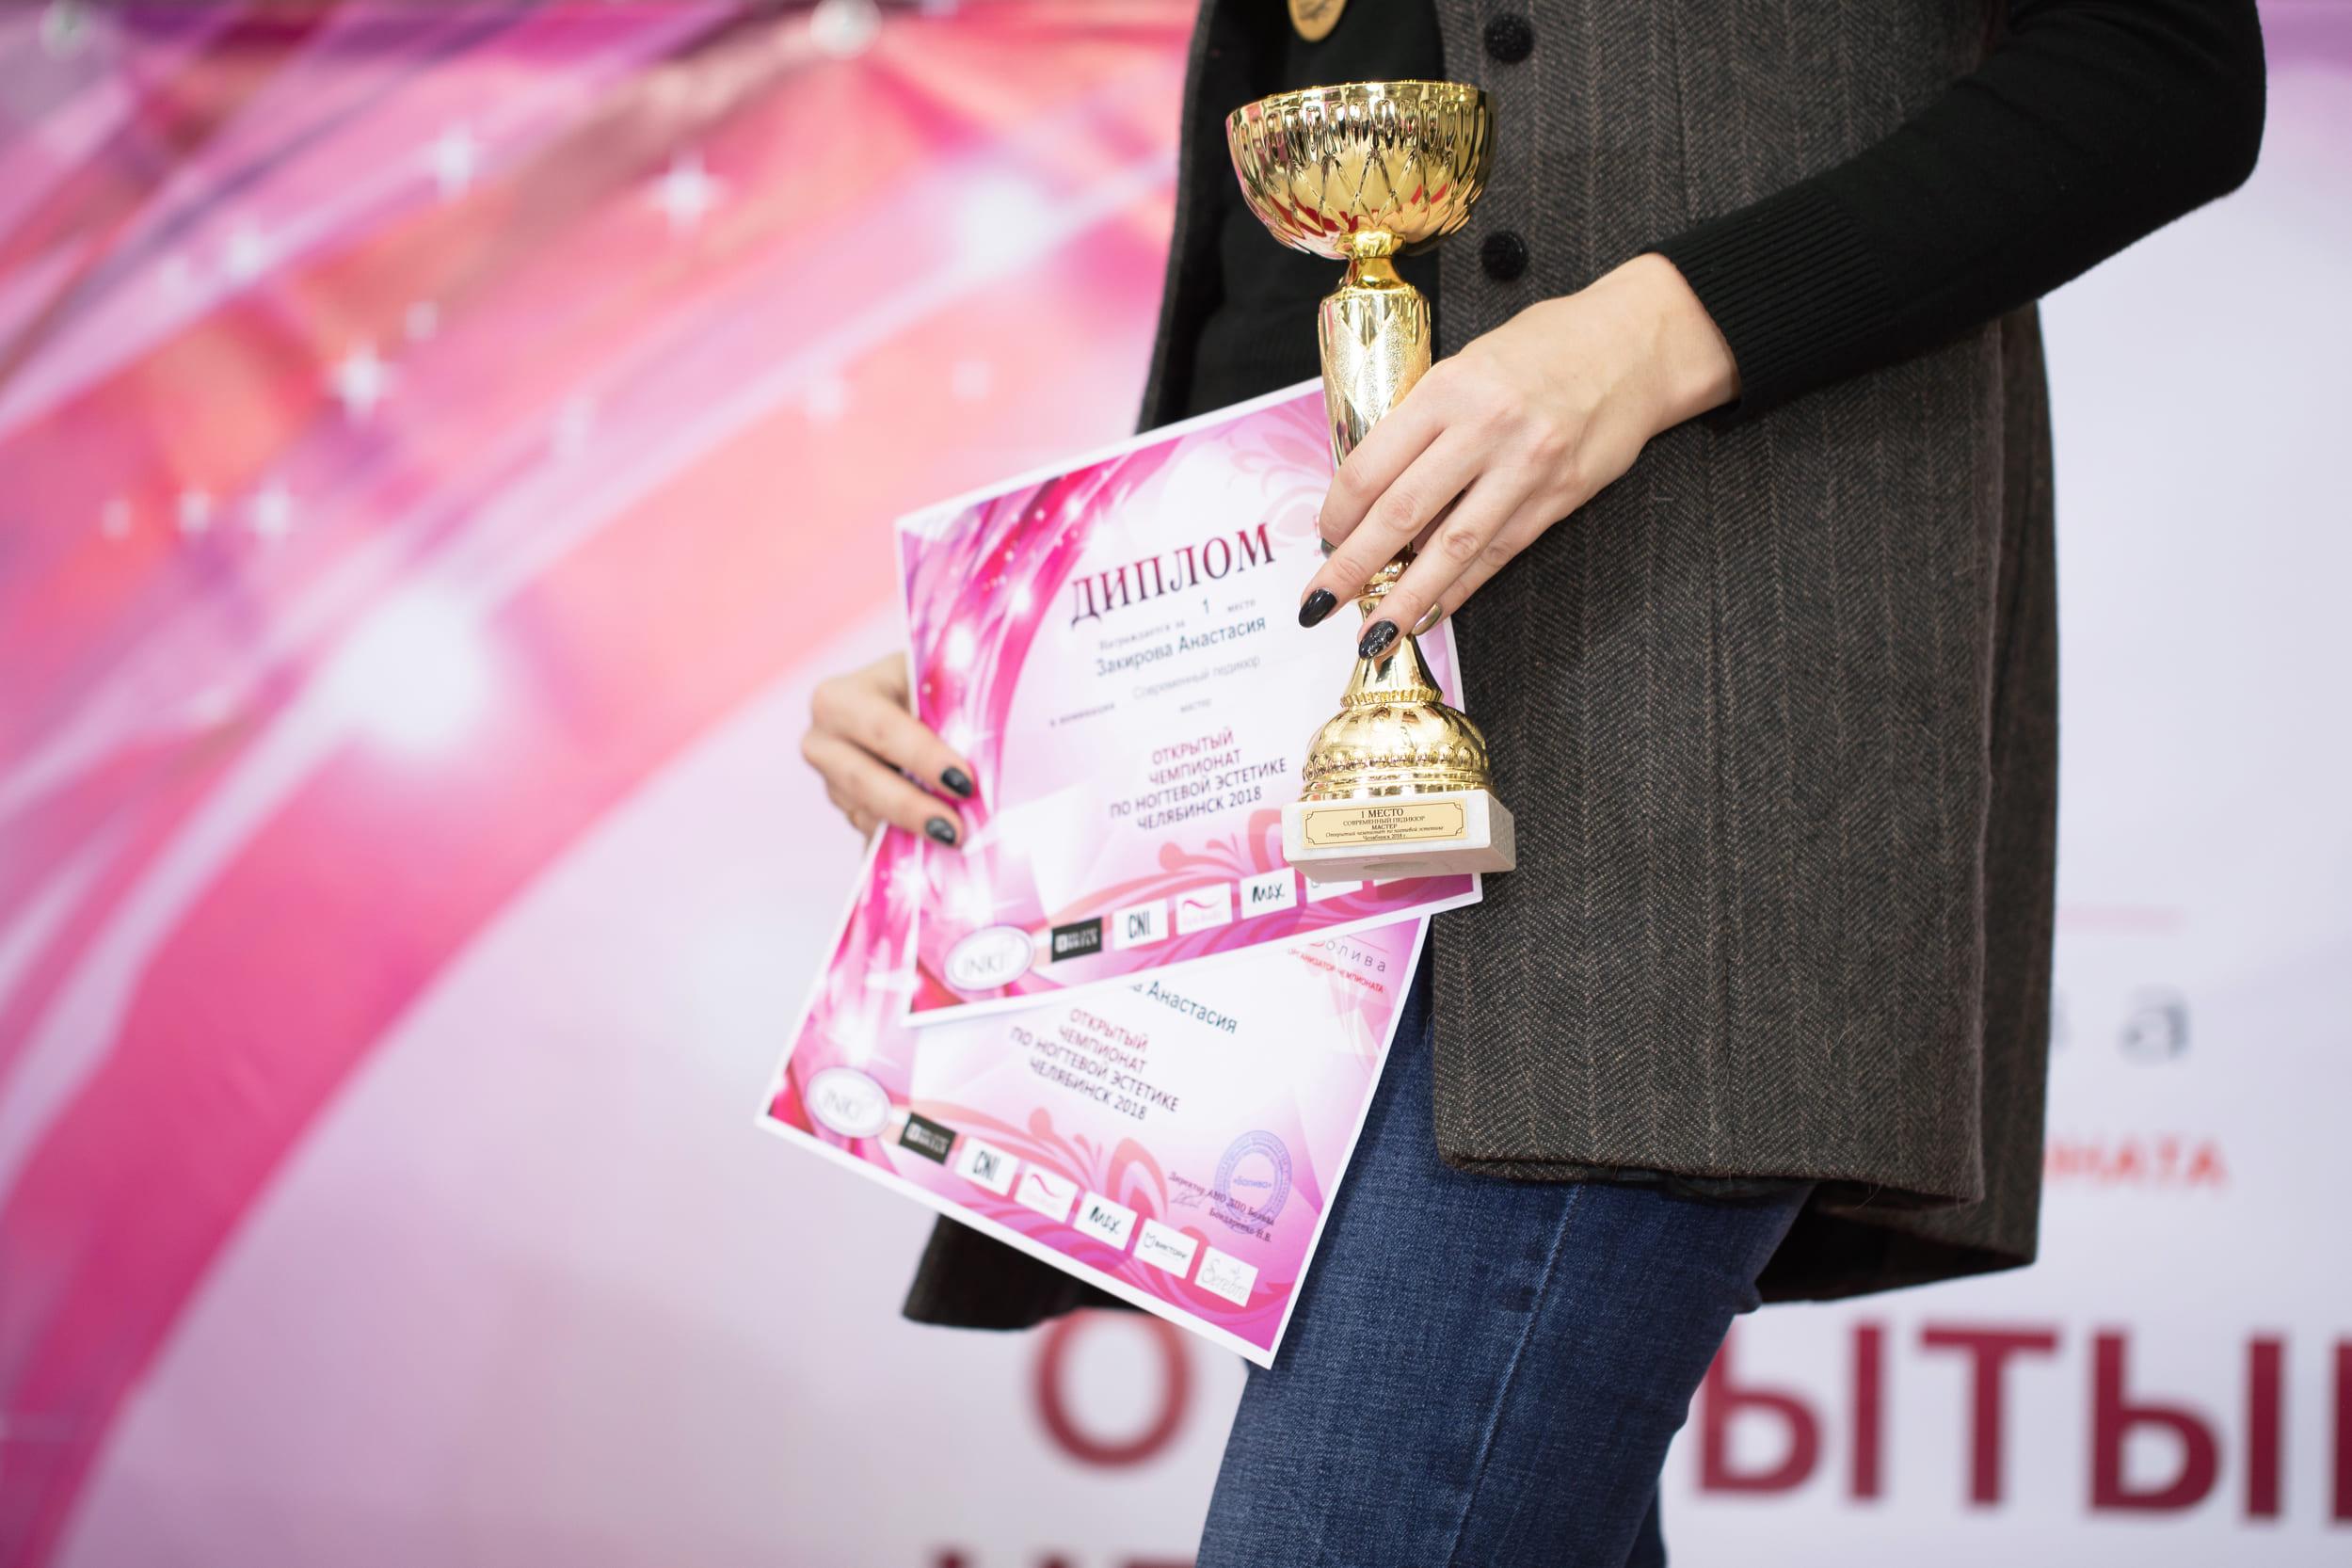 imkosmetik чемпионат индустрия красоты